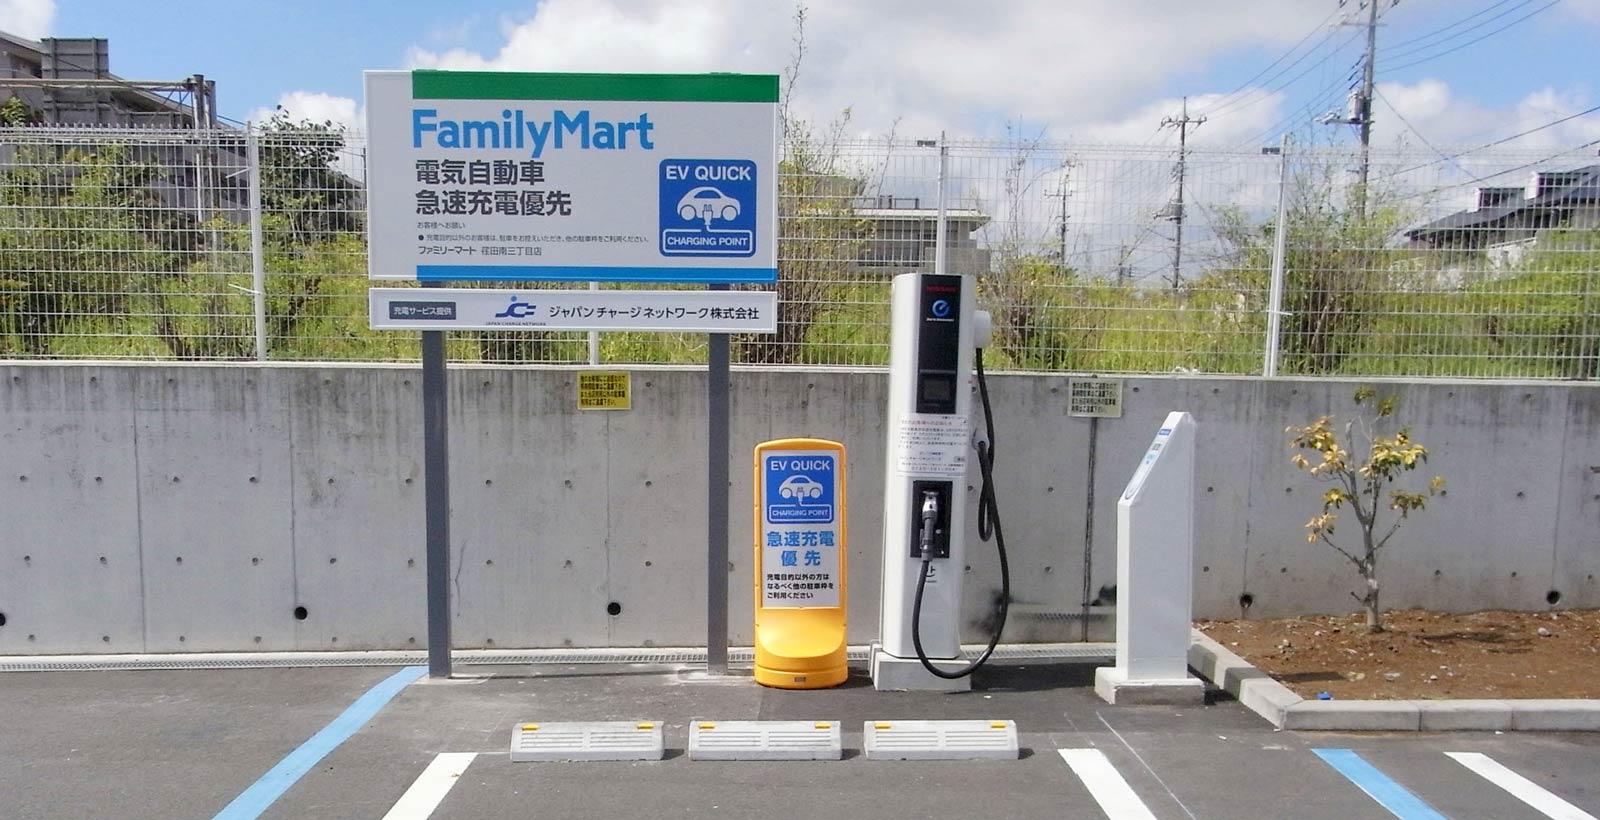 Une borne électrique disposée dans le stationnement d'un Family Mart (populaire chaîne de dépanneurs au Japon).